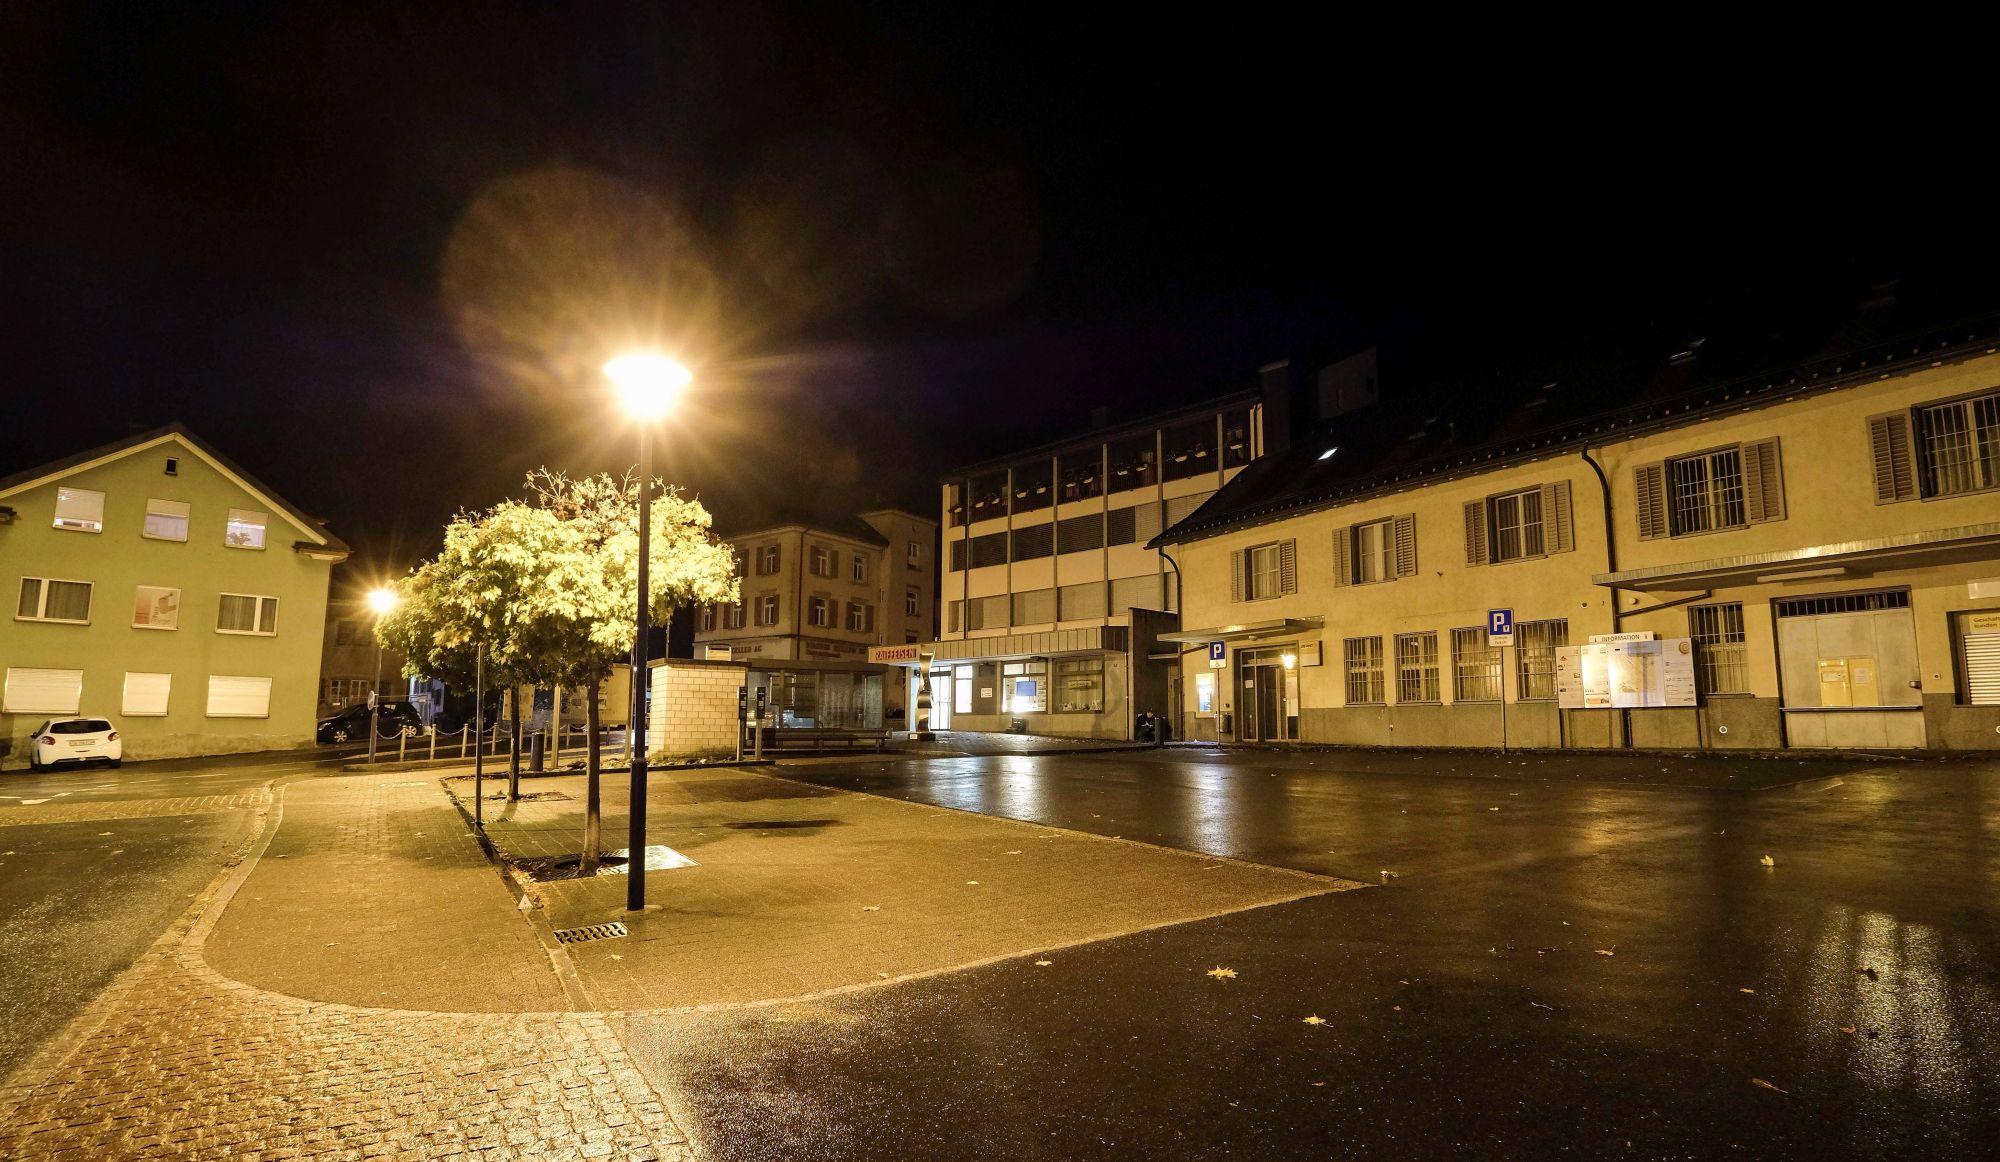 Un adolescent blesse plusieurs personnes avec une hache, piste terroriste écartée — Suisse